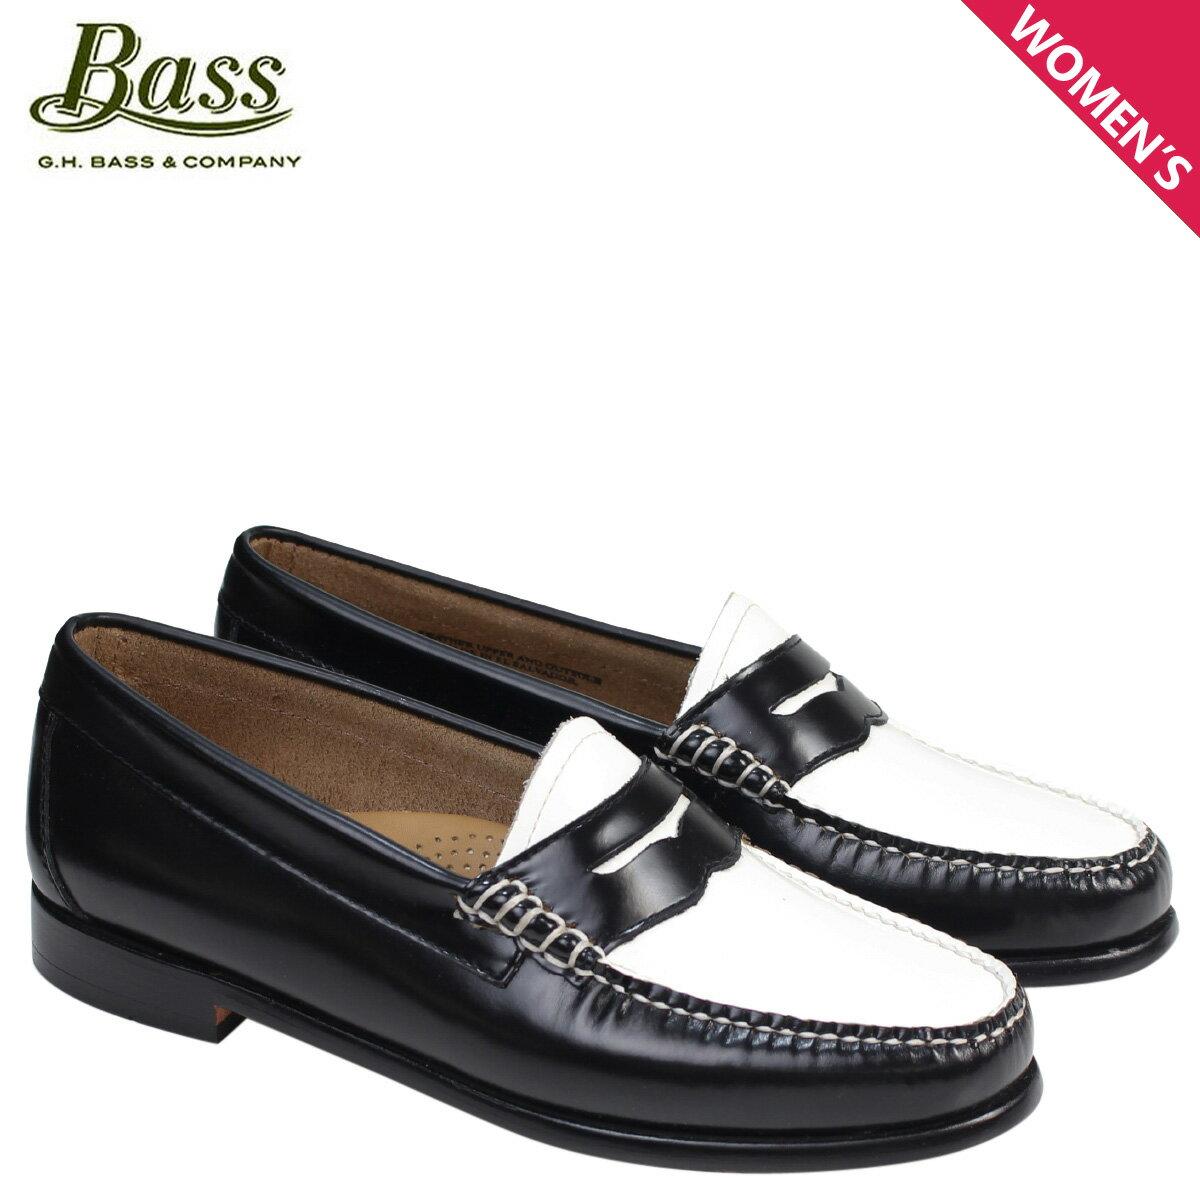 G.H. BASS ローファー ジーエイチバス レディース WHITNEY WEEJUNS 71-22414 靴 ブラック ホワイト